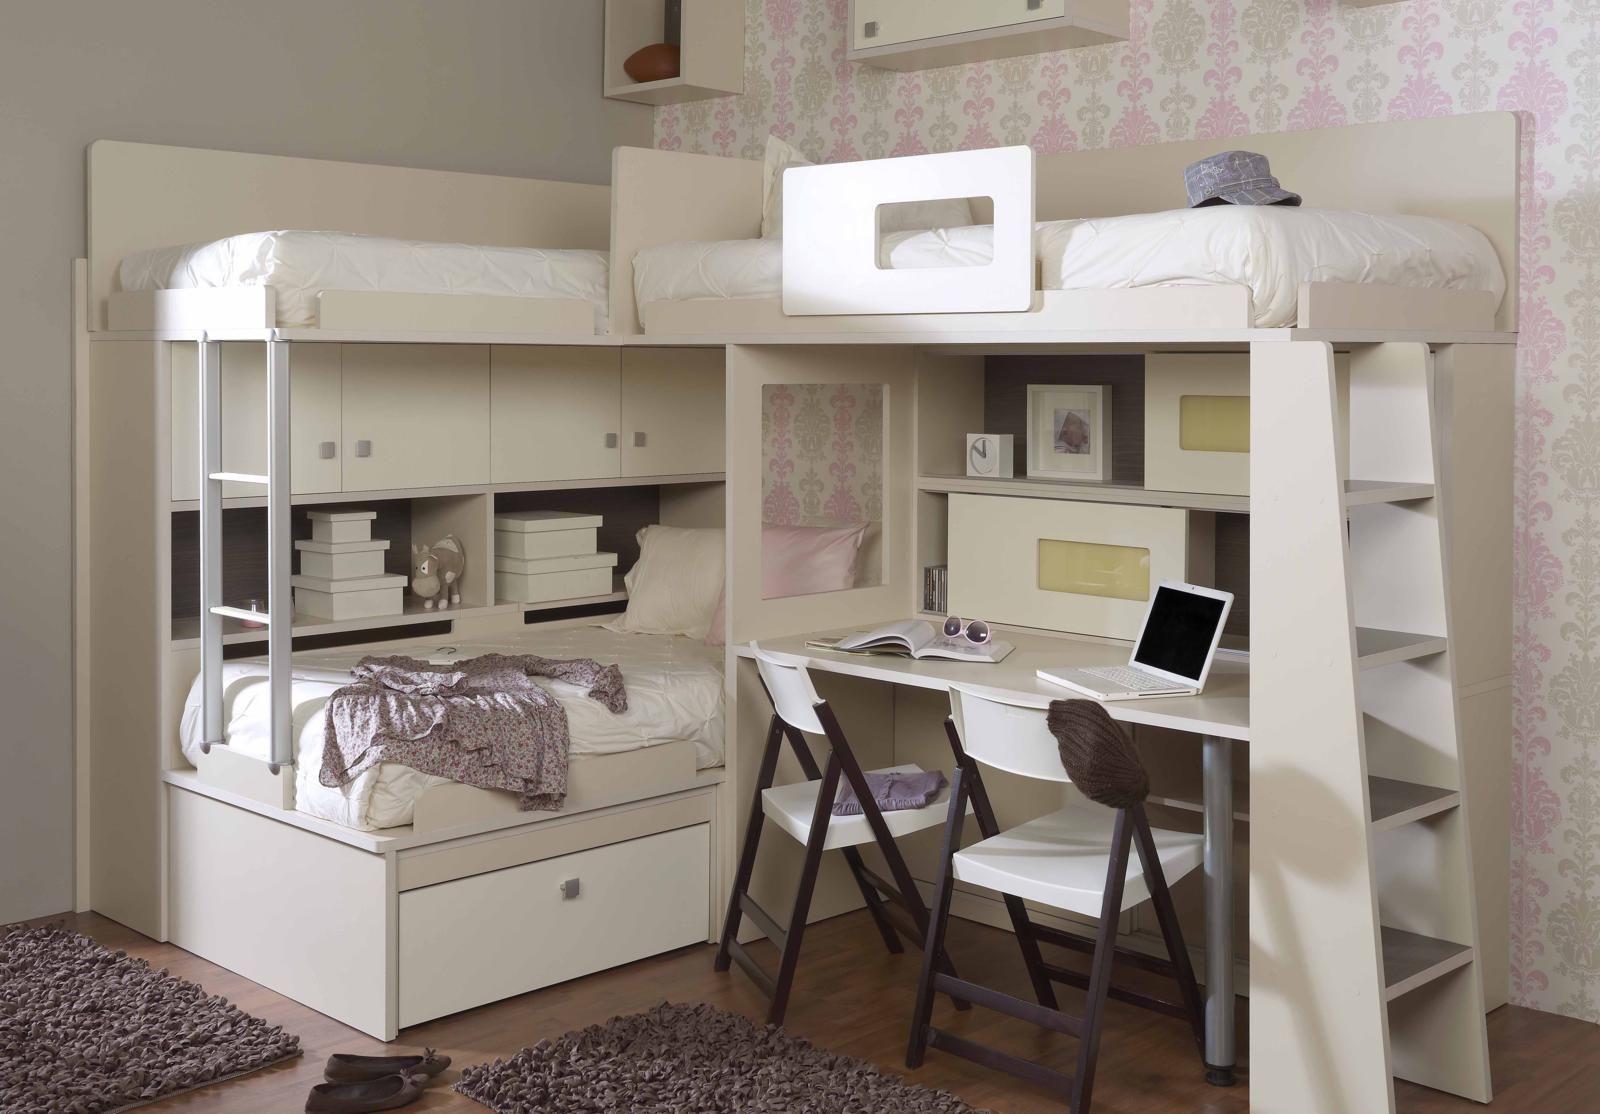 Pin de Crystal Lichtenberger en way cool new home ideas